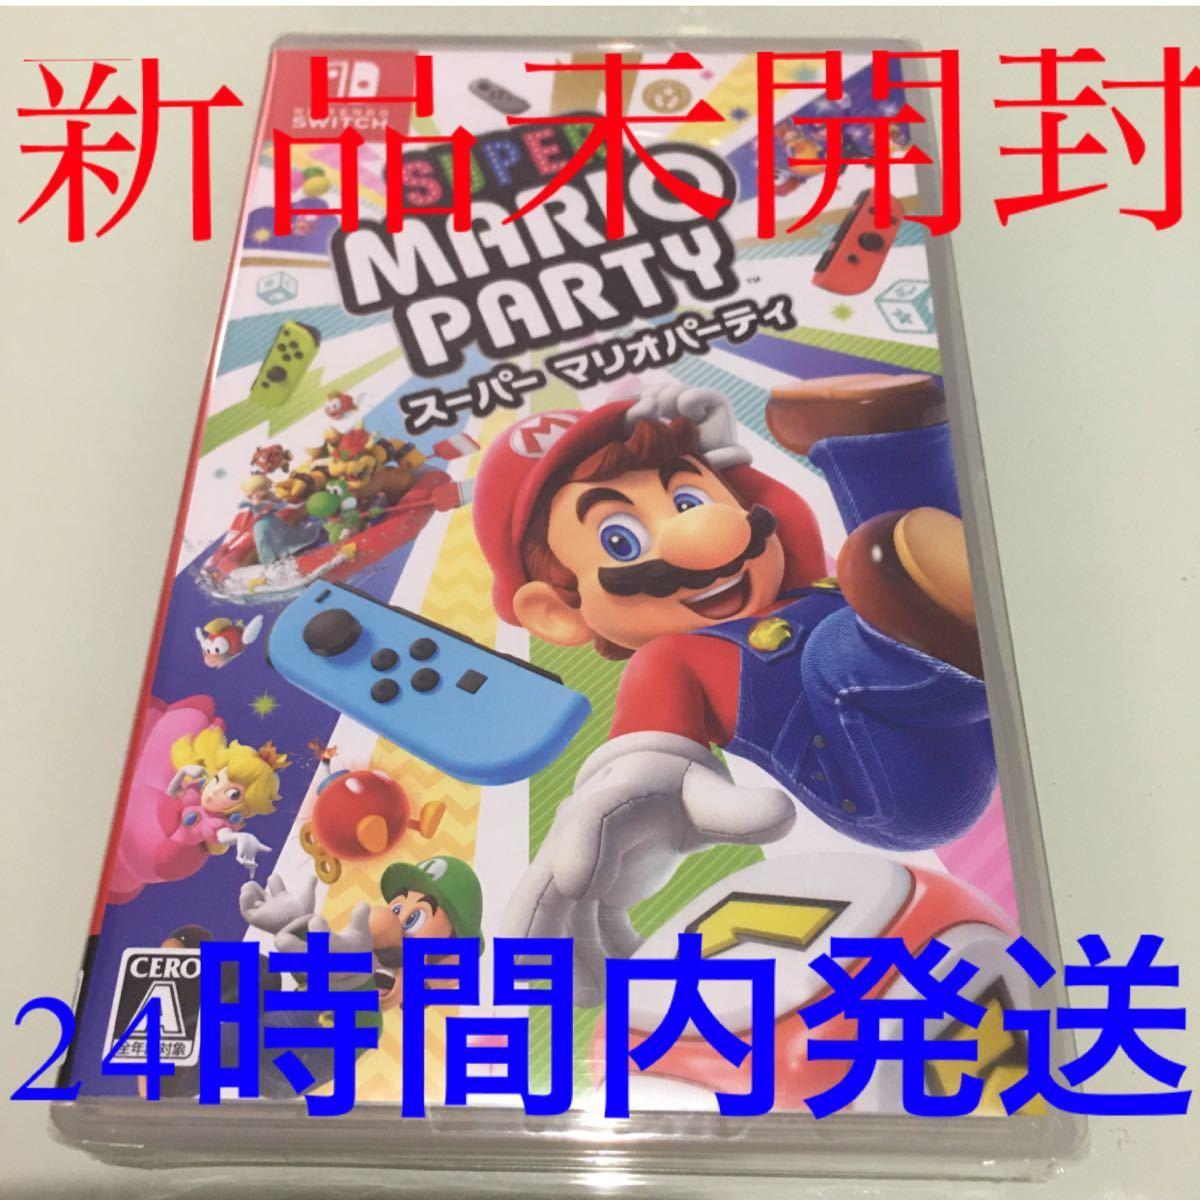 Switch スーパーマリオパーティー 新品未開封